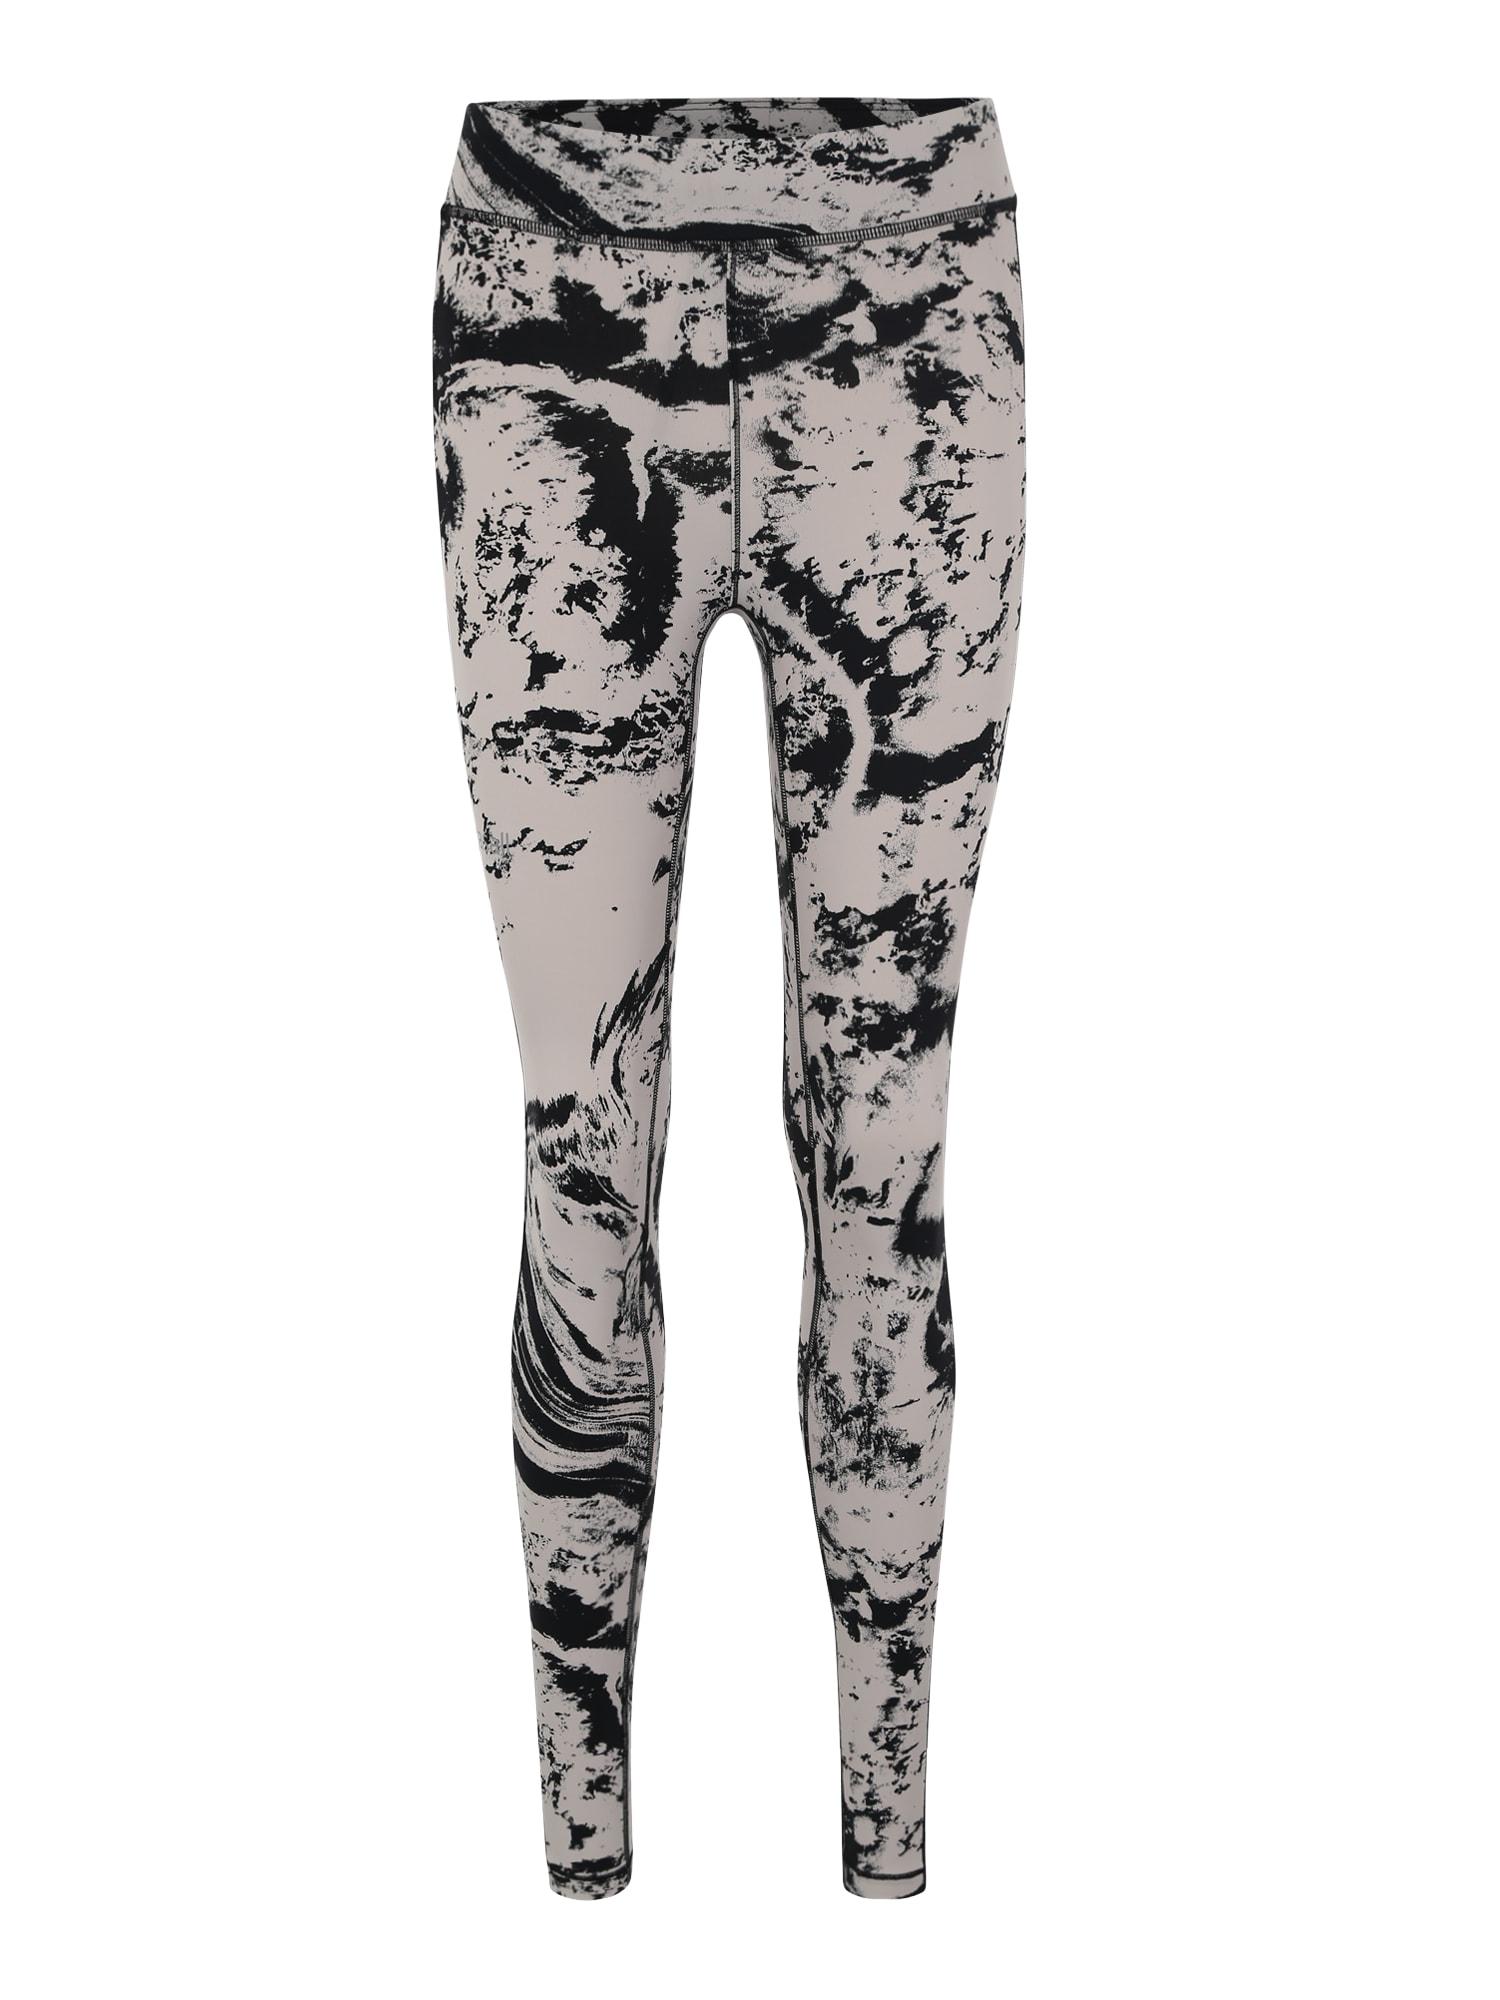 Sportovní kalhoty Ease 78 Tights černá bílá Casall